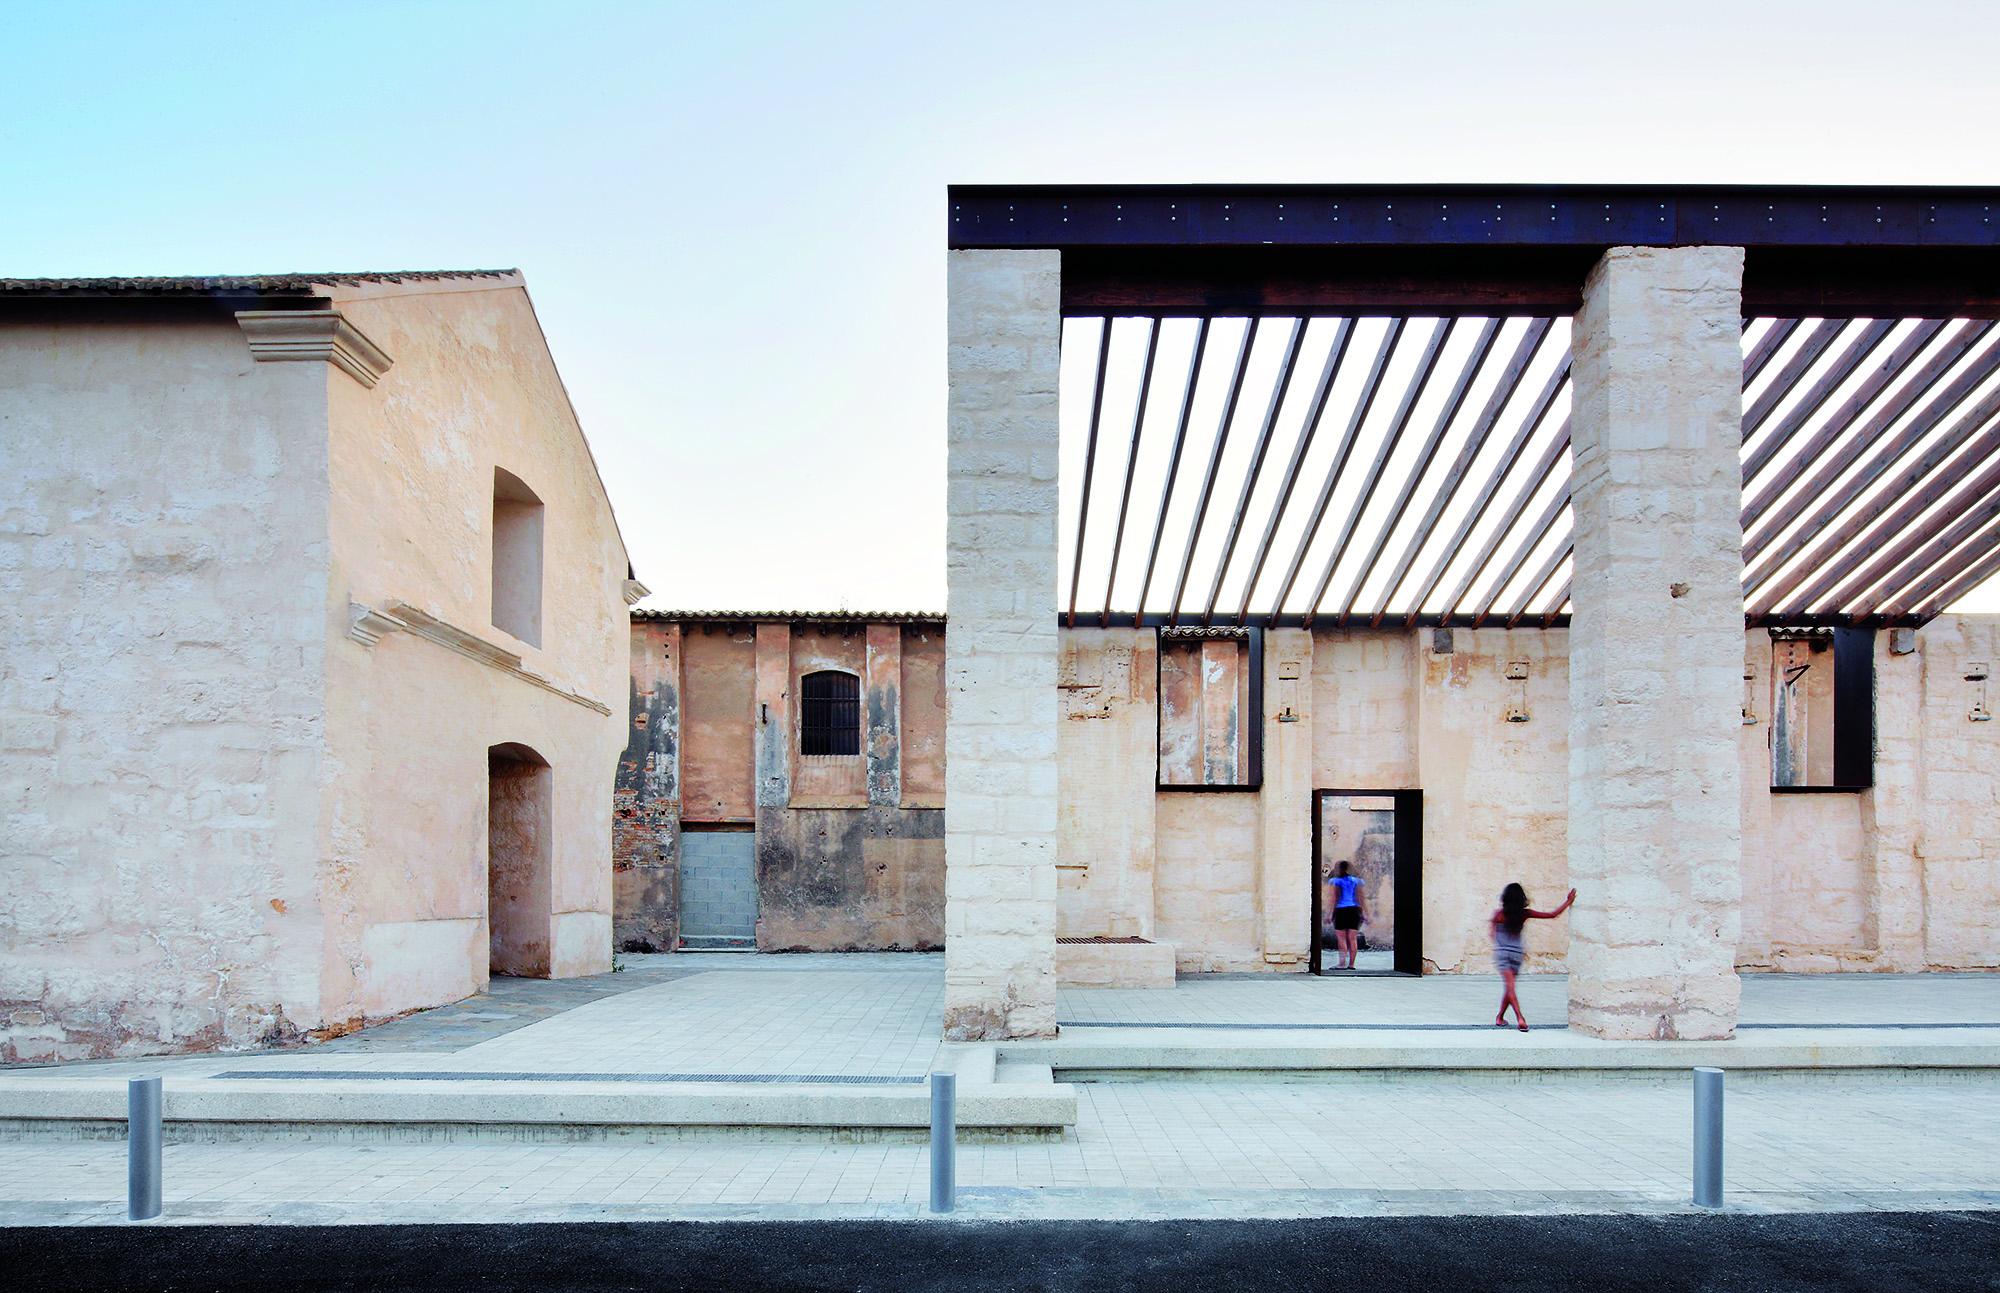 """Bienal de Veneza 2012: """"Vogadors"""" - Pavilhão Catalão e Ilhas Baleares, Restauração da Fábrica Can Ribas  / Jaime J. Ferrer Forés; © José Hevia"""